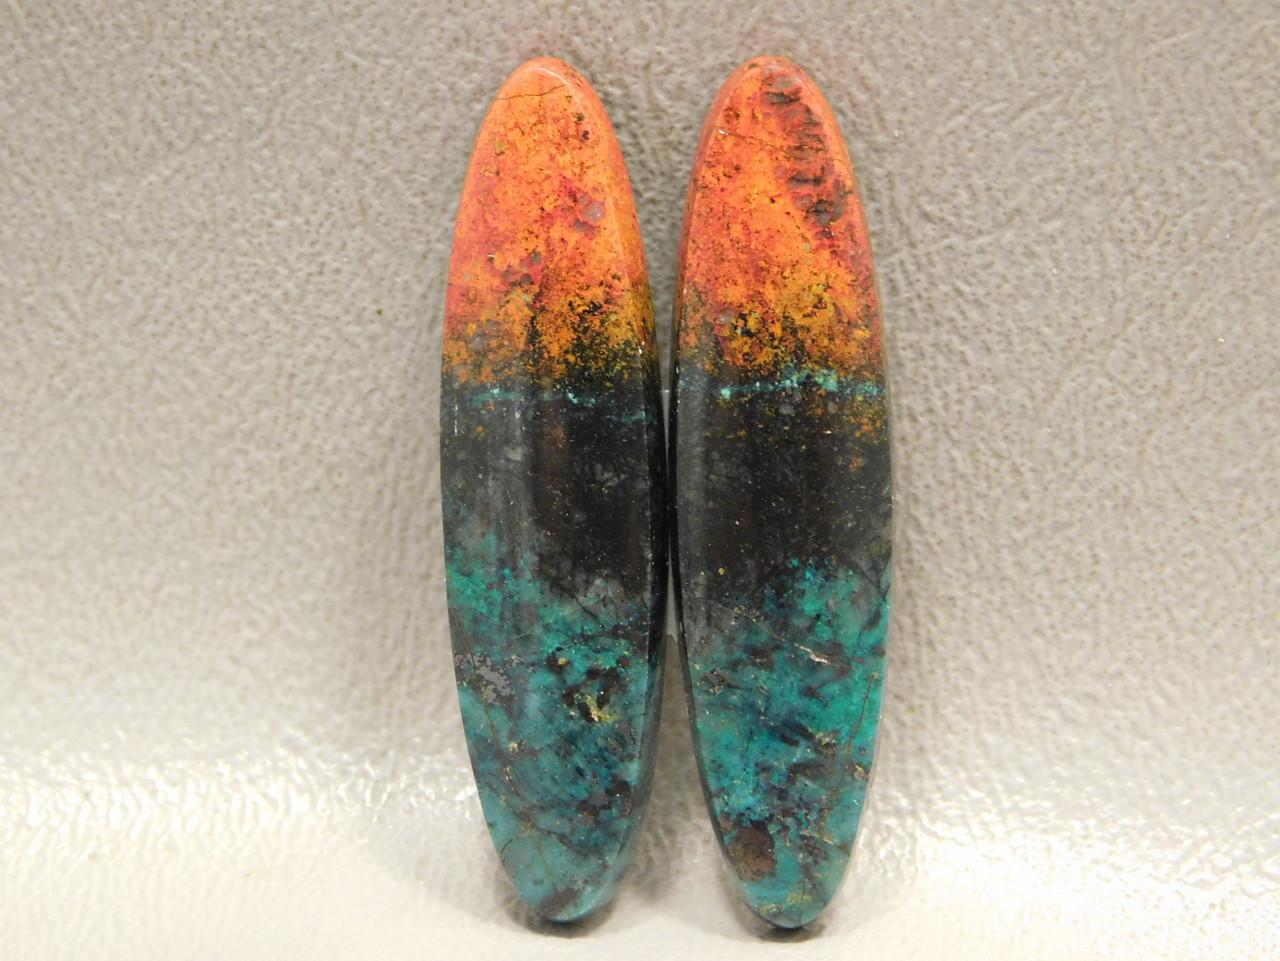 Sonora Sunset Chrysocolla Cuprite Cabochon Rocks Jewelry Making #2